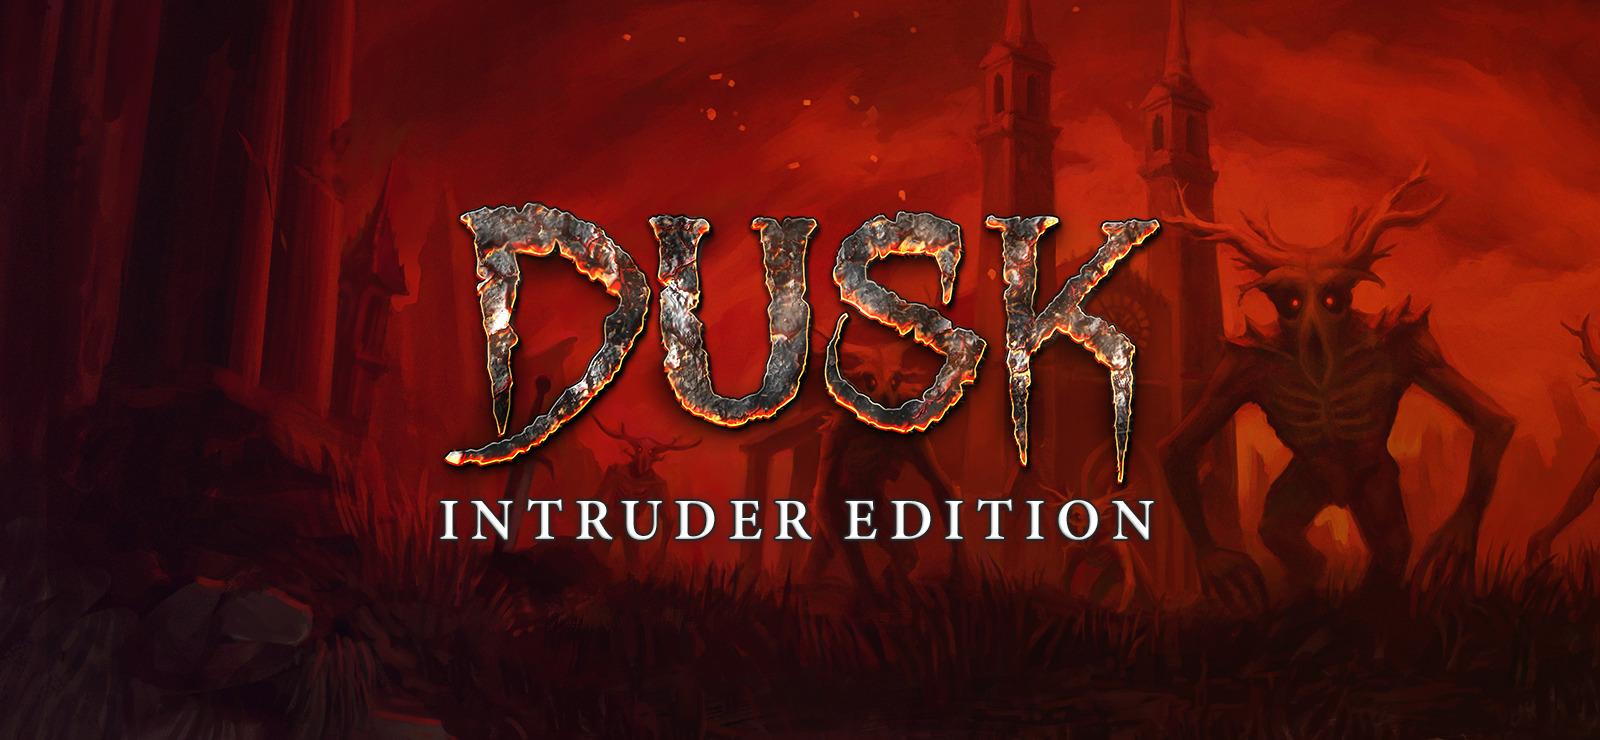 DUSK - Intruder Edition [L] [ENG + CHN / ENG] (2018) (1.5.2) [GOG]